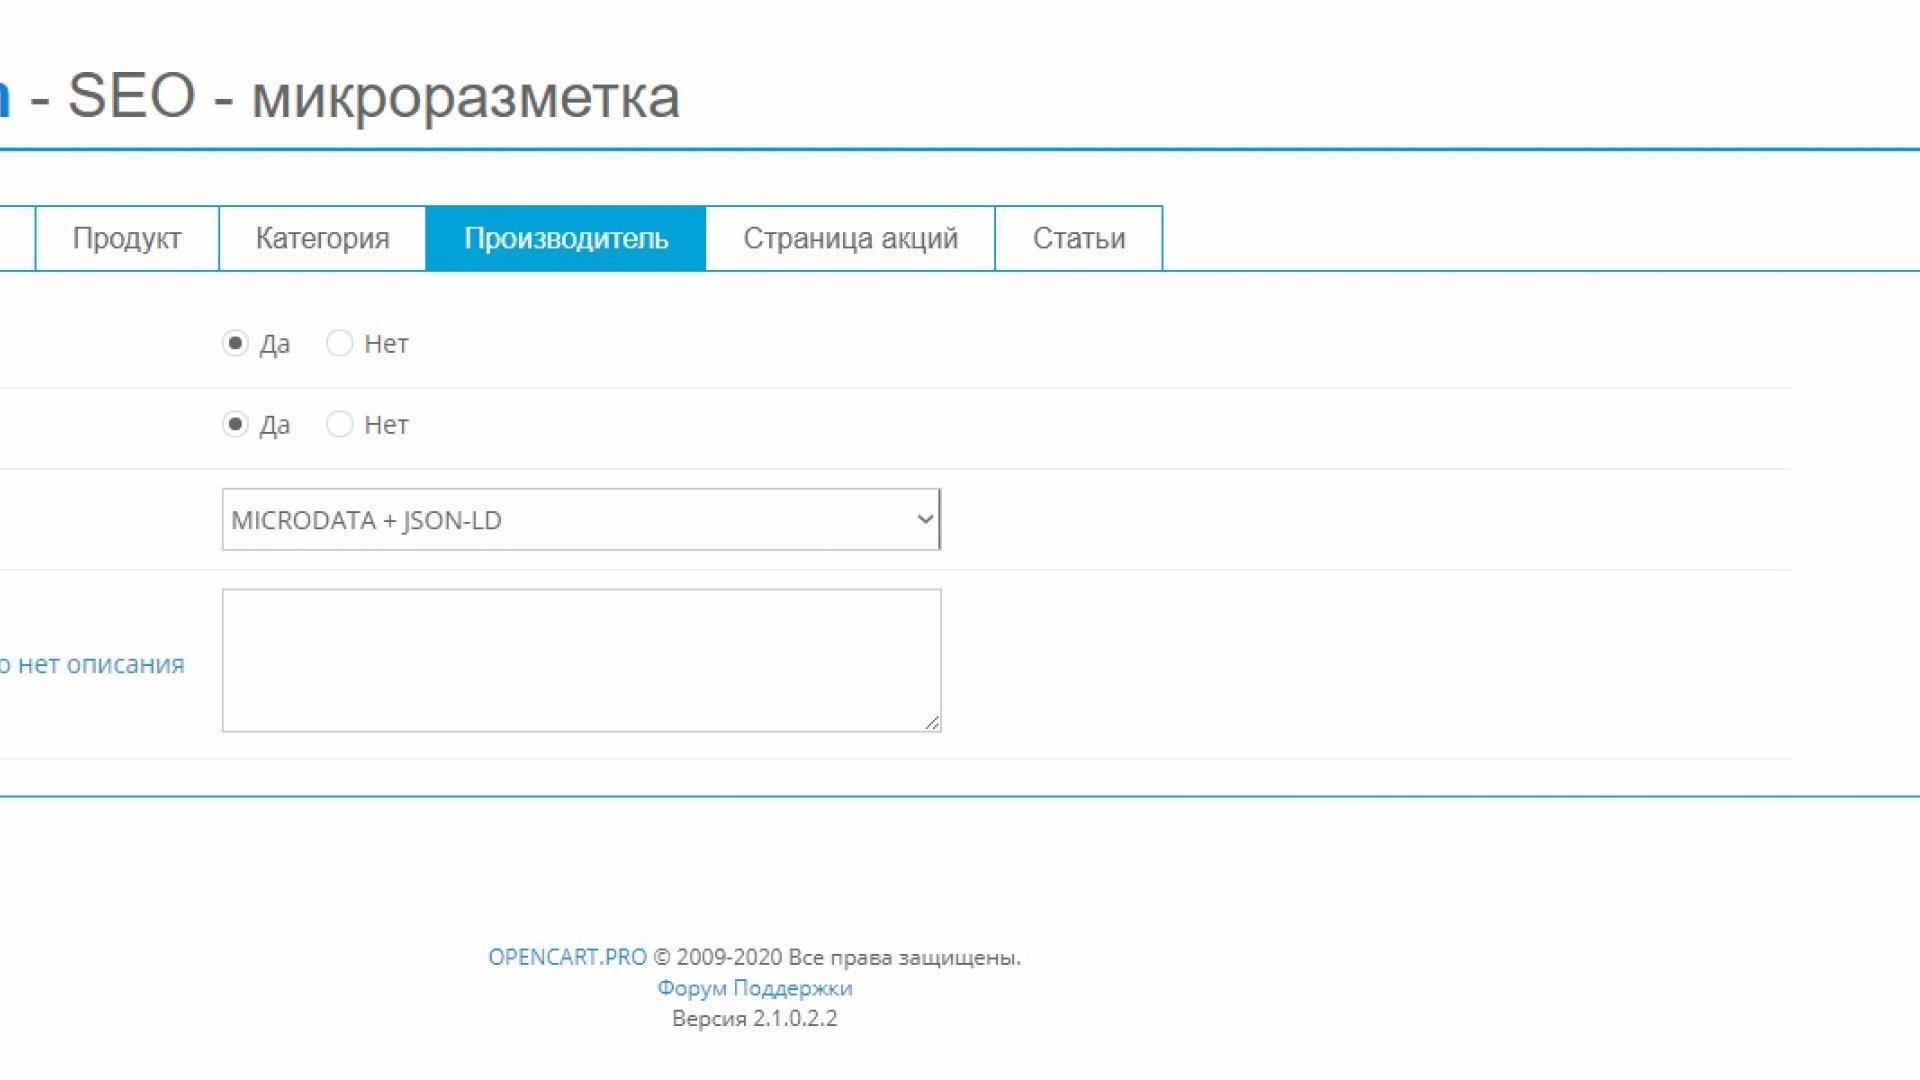 Модуль SEO - микроразметки сайта магазина